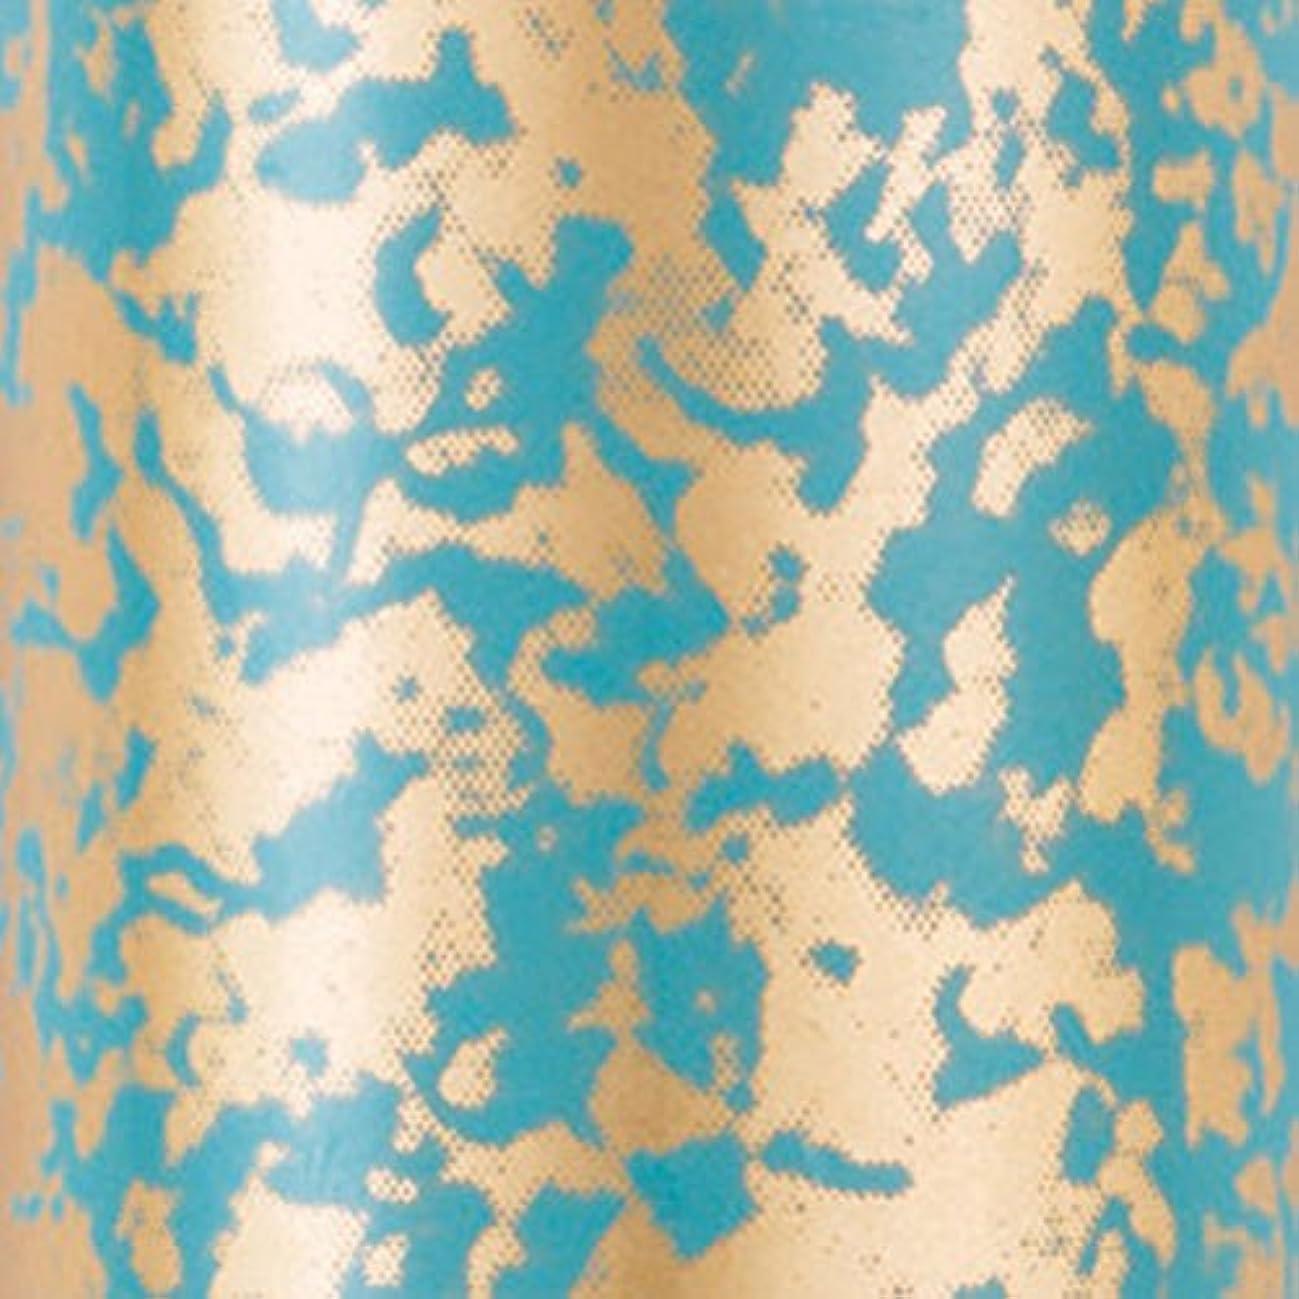 適性プロフィールペルセウスBioSculpture ミラーフォイル ジェイド ジェルアート専用のアートツール アート材